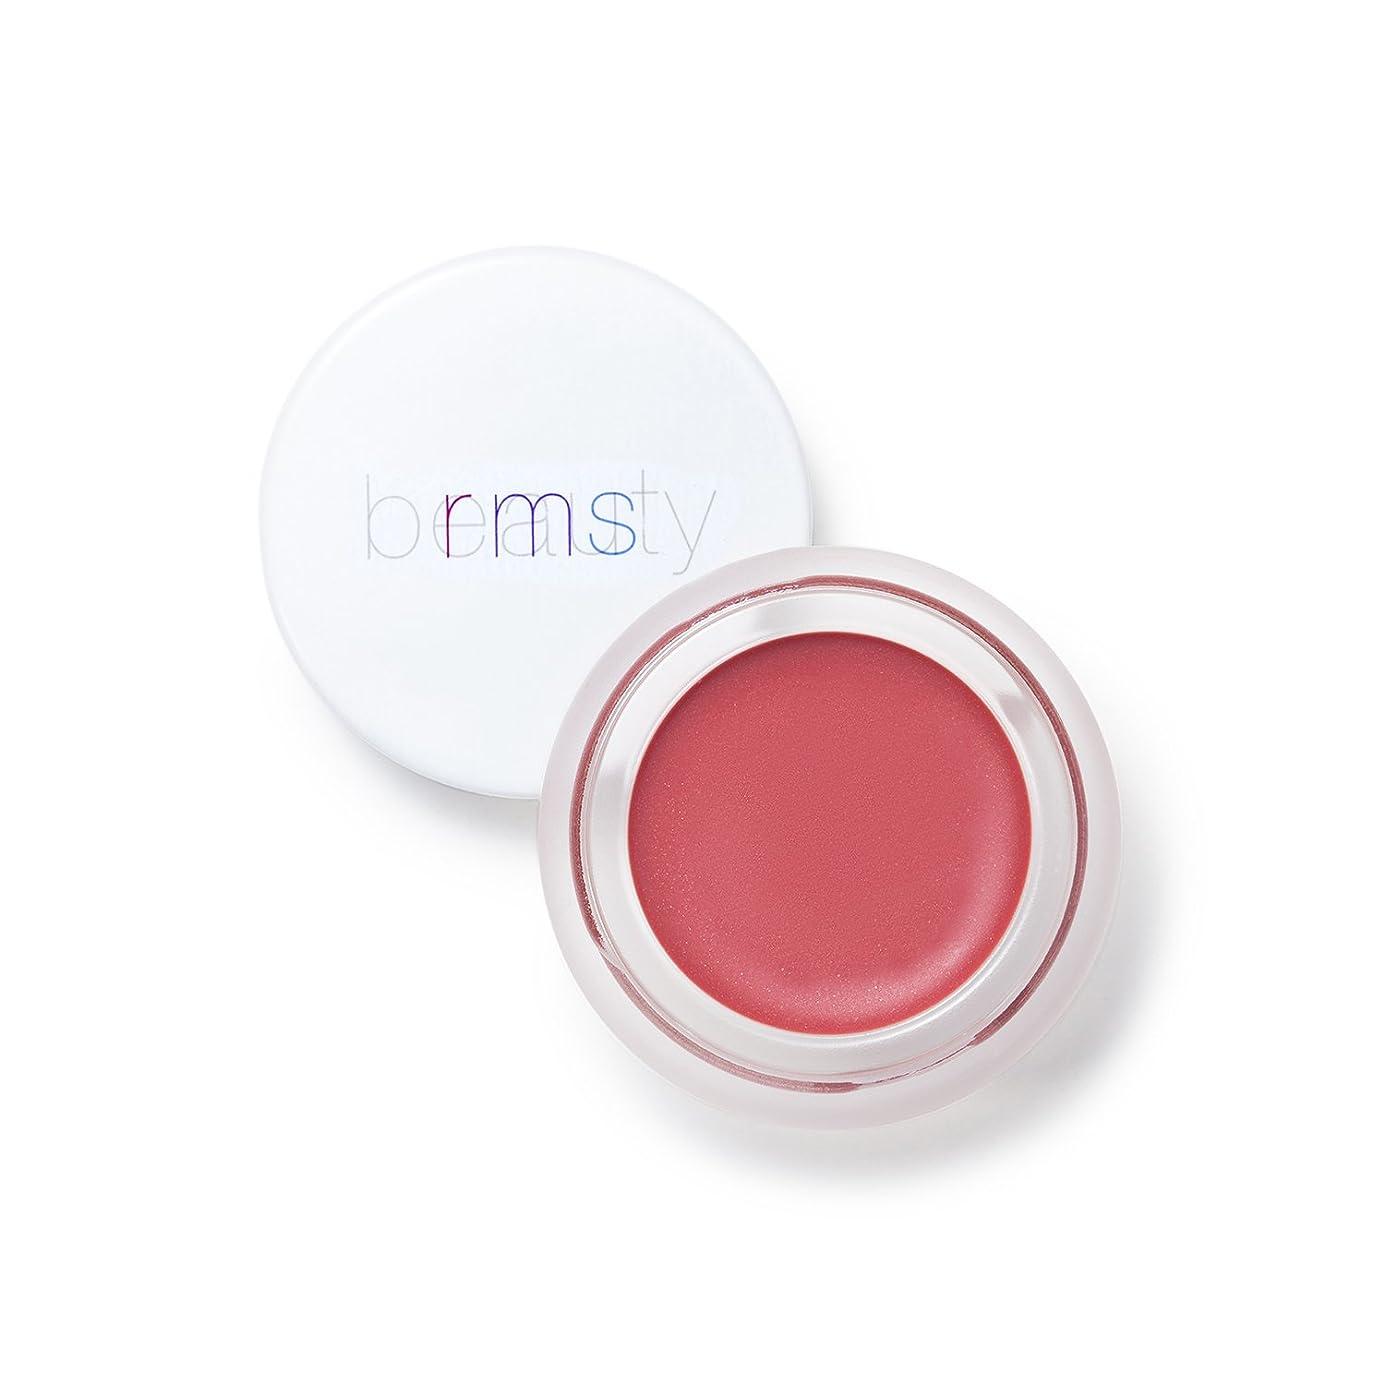 エスカレート消費者感染するアールエムエス ビューティー(rms beauty) リップシャイン ブルーム パールローズピンク